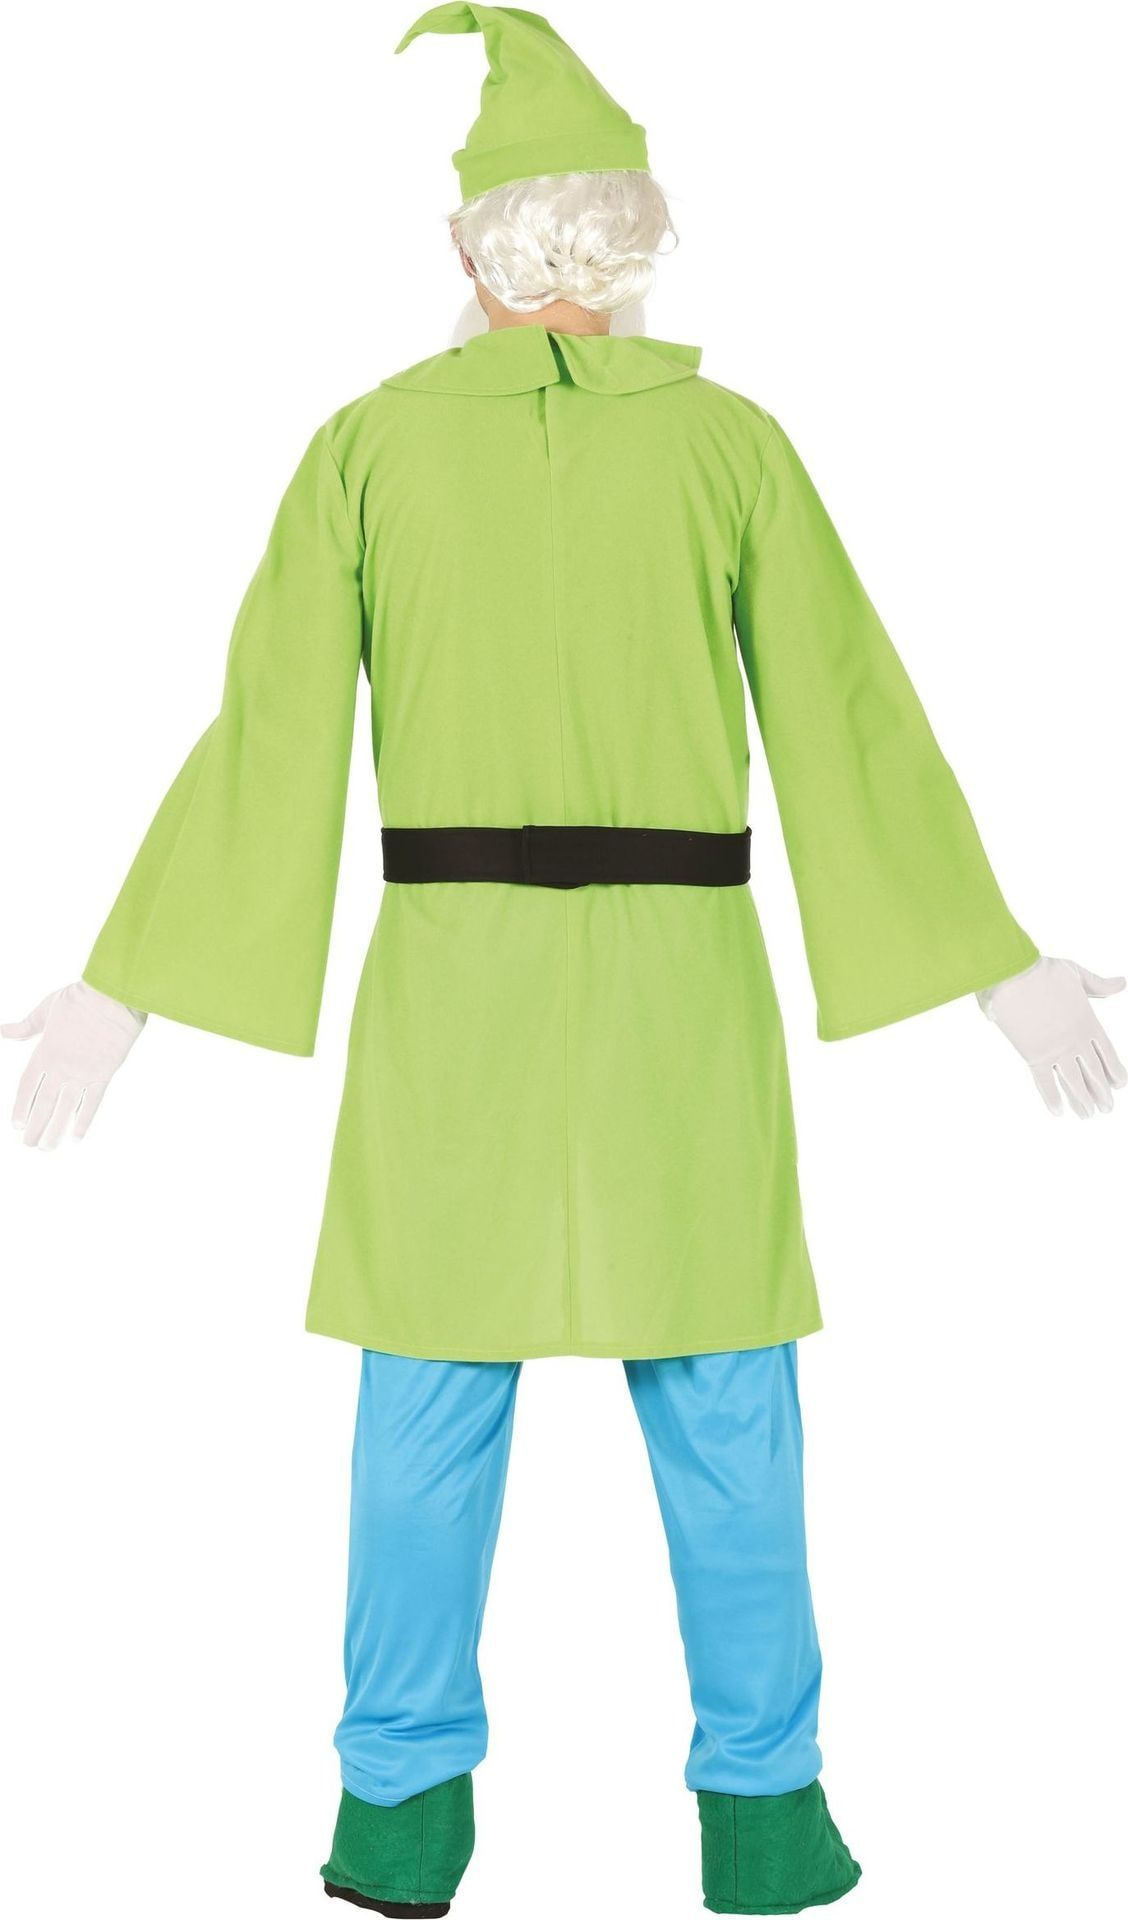 Kostuum Heren.Groen Dwergen Kostuum Heren